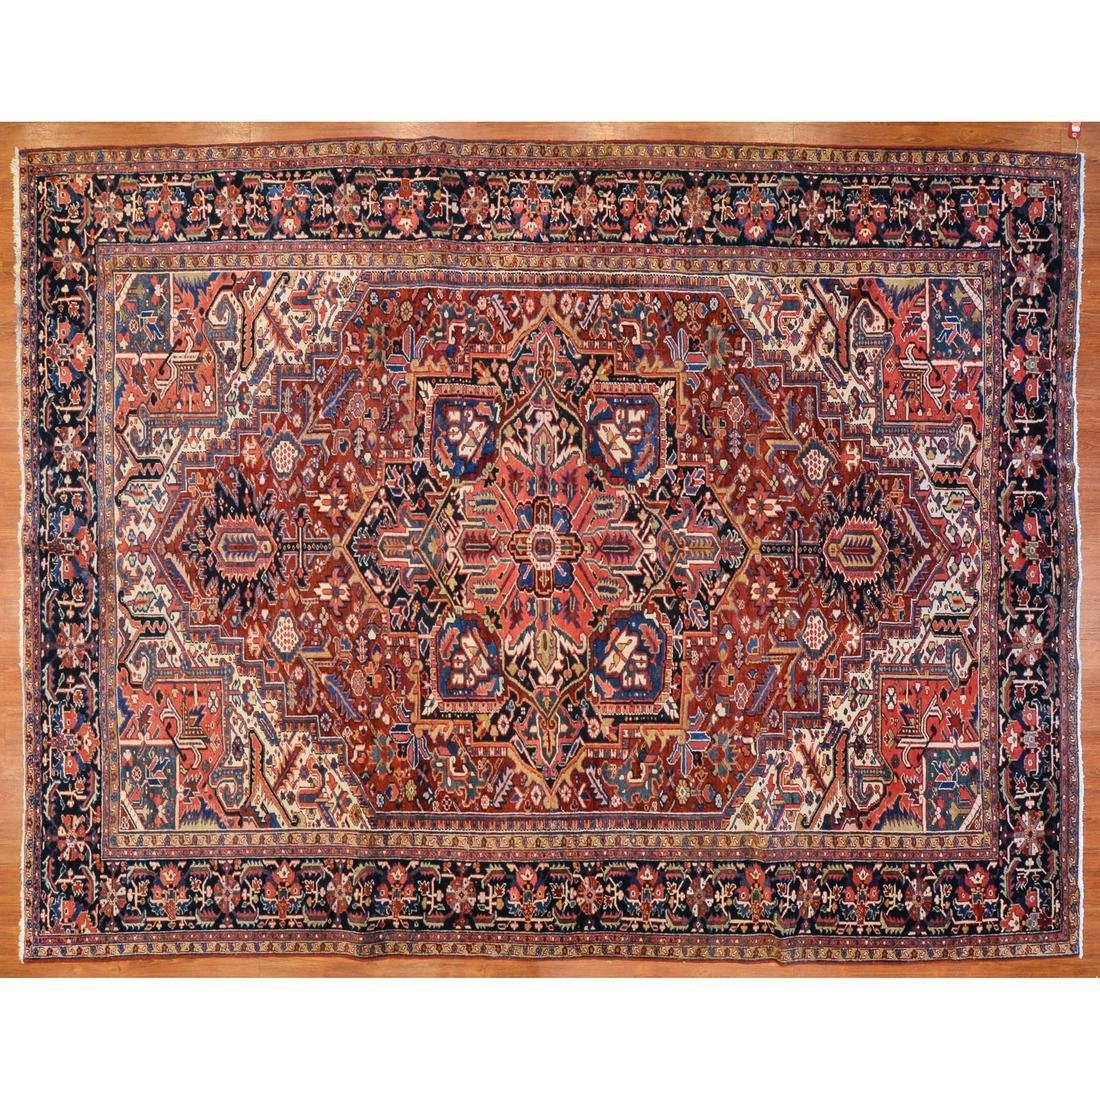 Semi-Antique Heriz Rug, Persia, 9.1 x 11.8